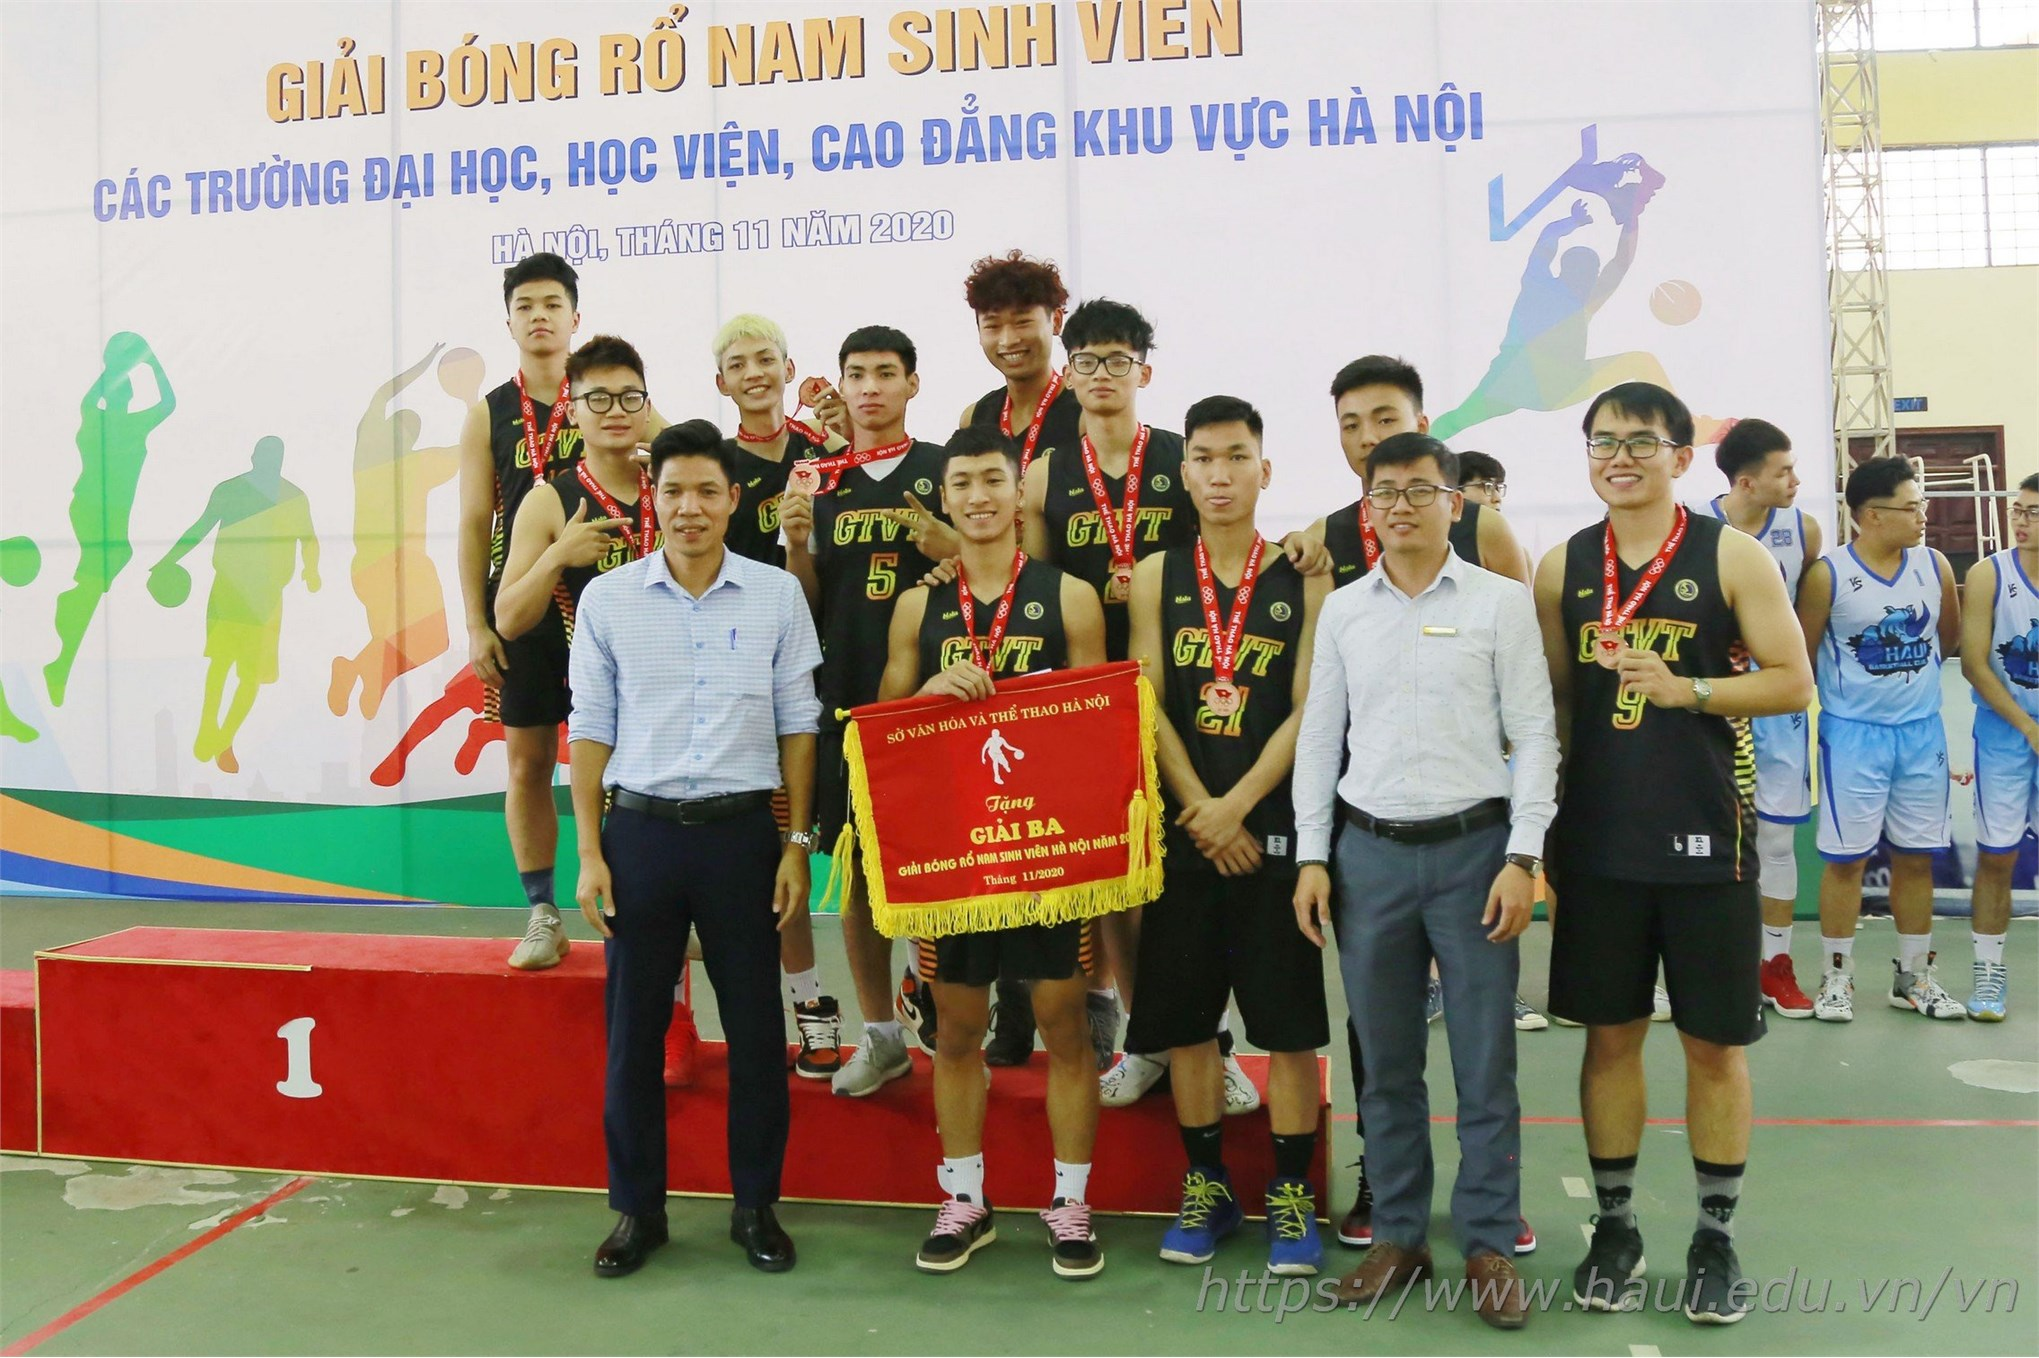 Sinh viên Đại học Công nghiệp Hà Nội giành Giải Ba tại Giải Bóng rổ sinh viên Hà Nội 2020